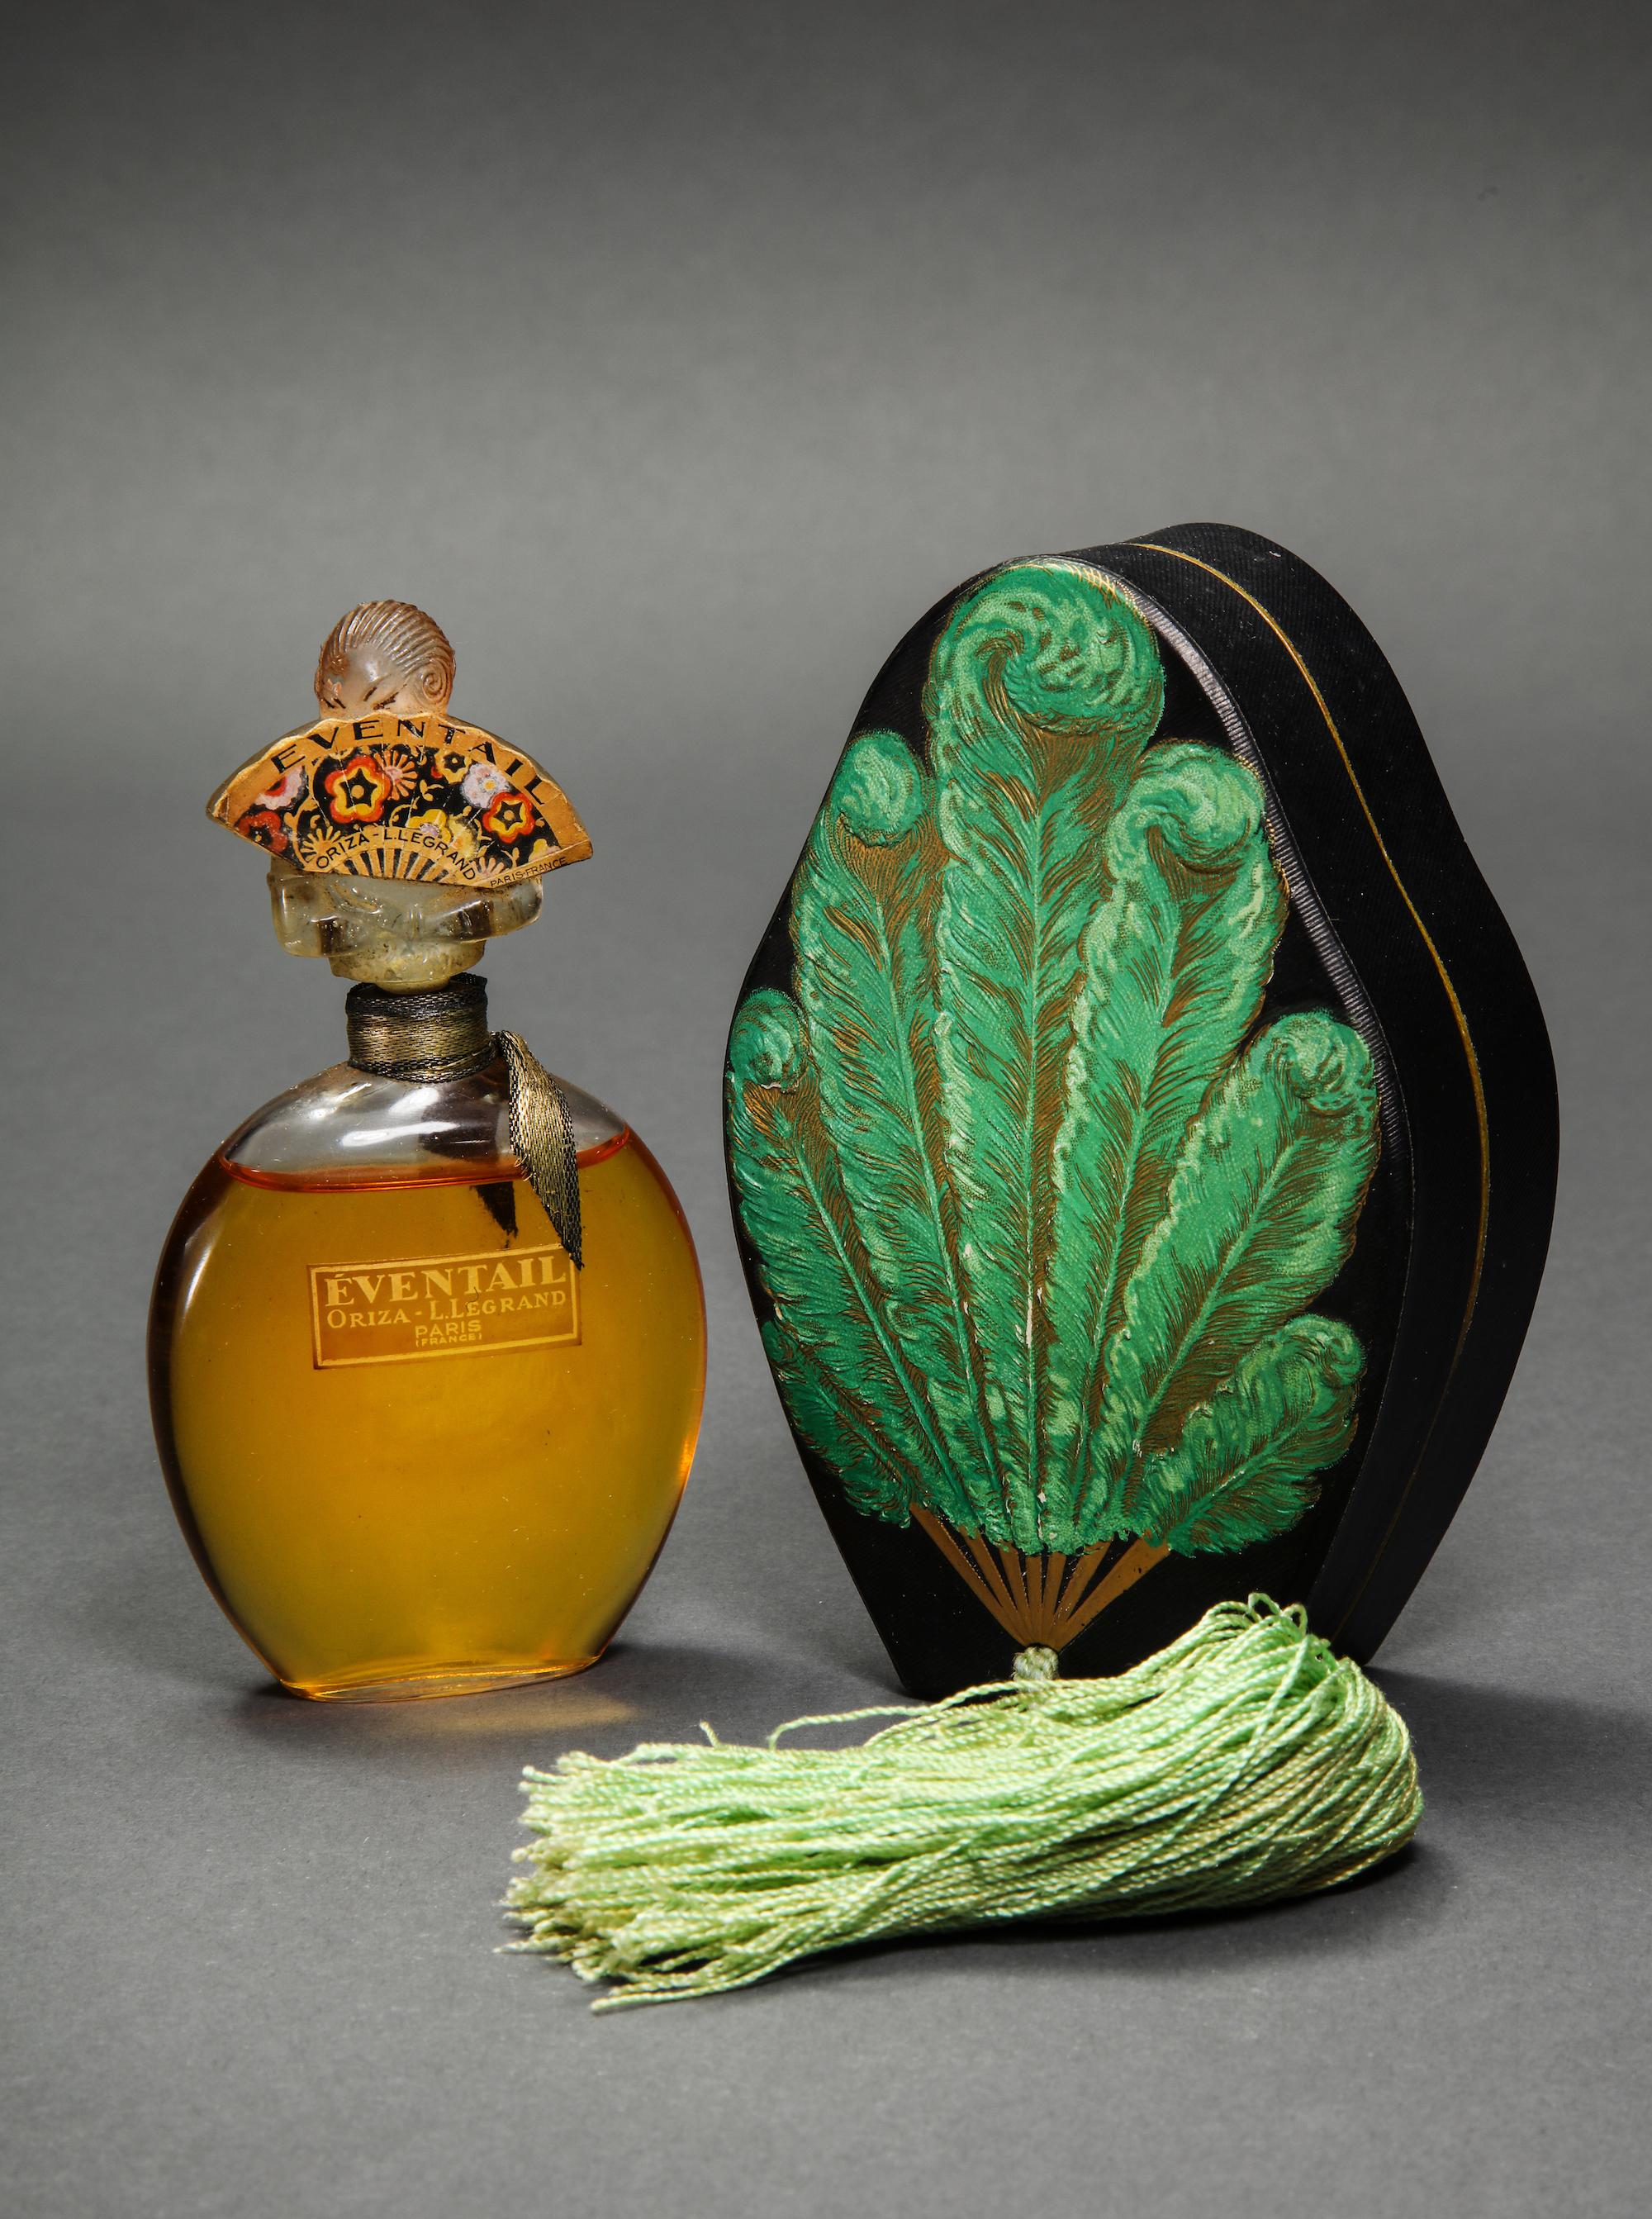 1925 Oriza L. Legrand  Eventail  $39,000